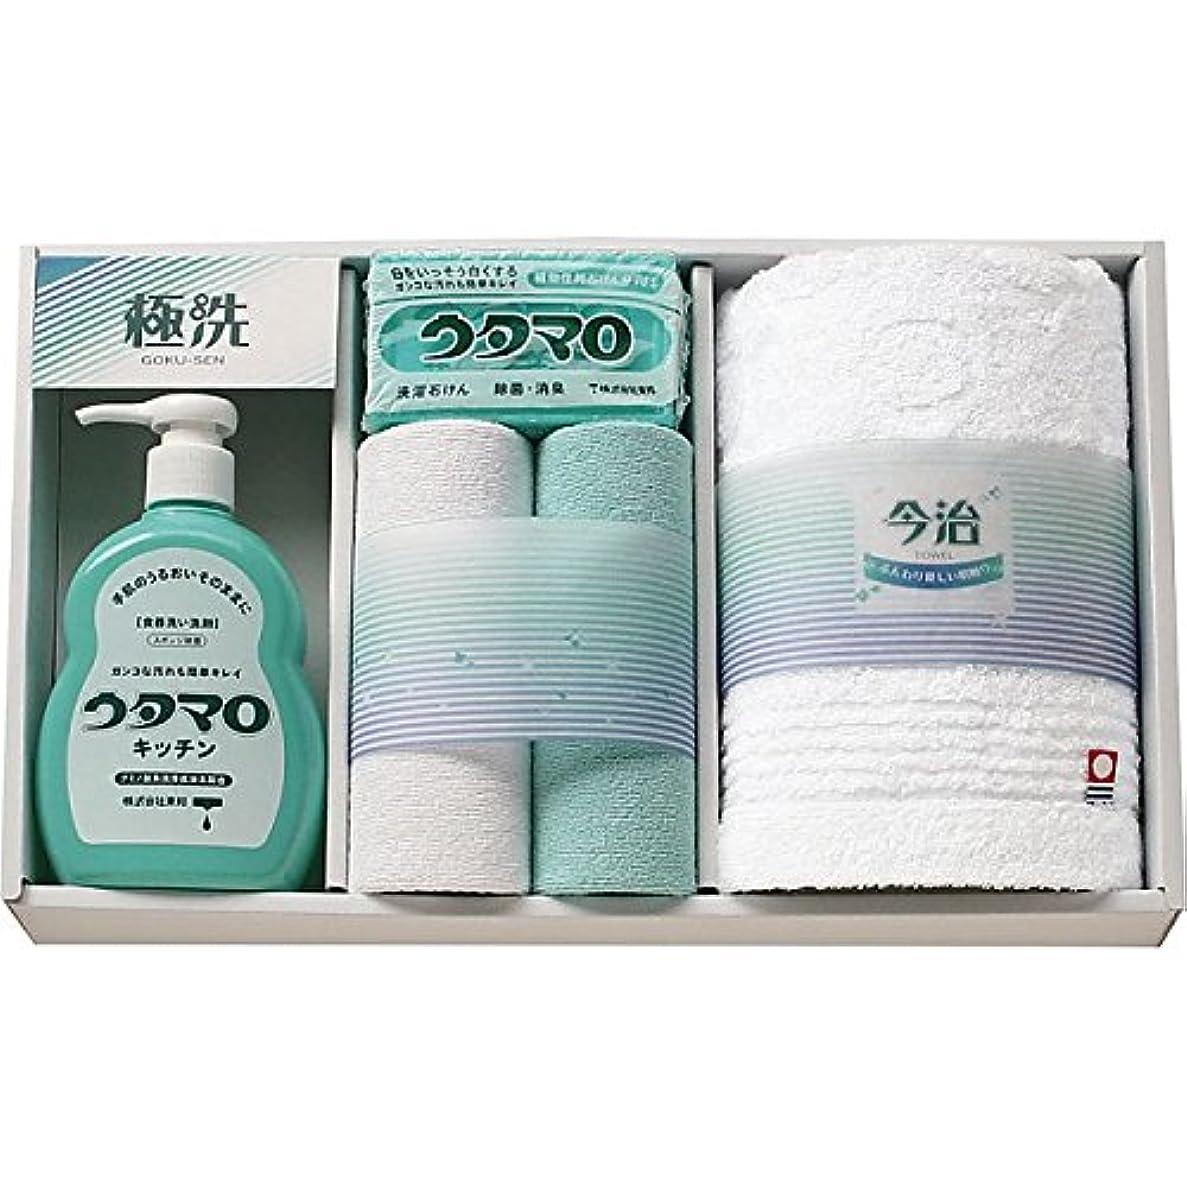 探す水曜日大( ウタマロ ) 石鹸?キッチン洗剤ギフト ( 835-1055r )